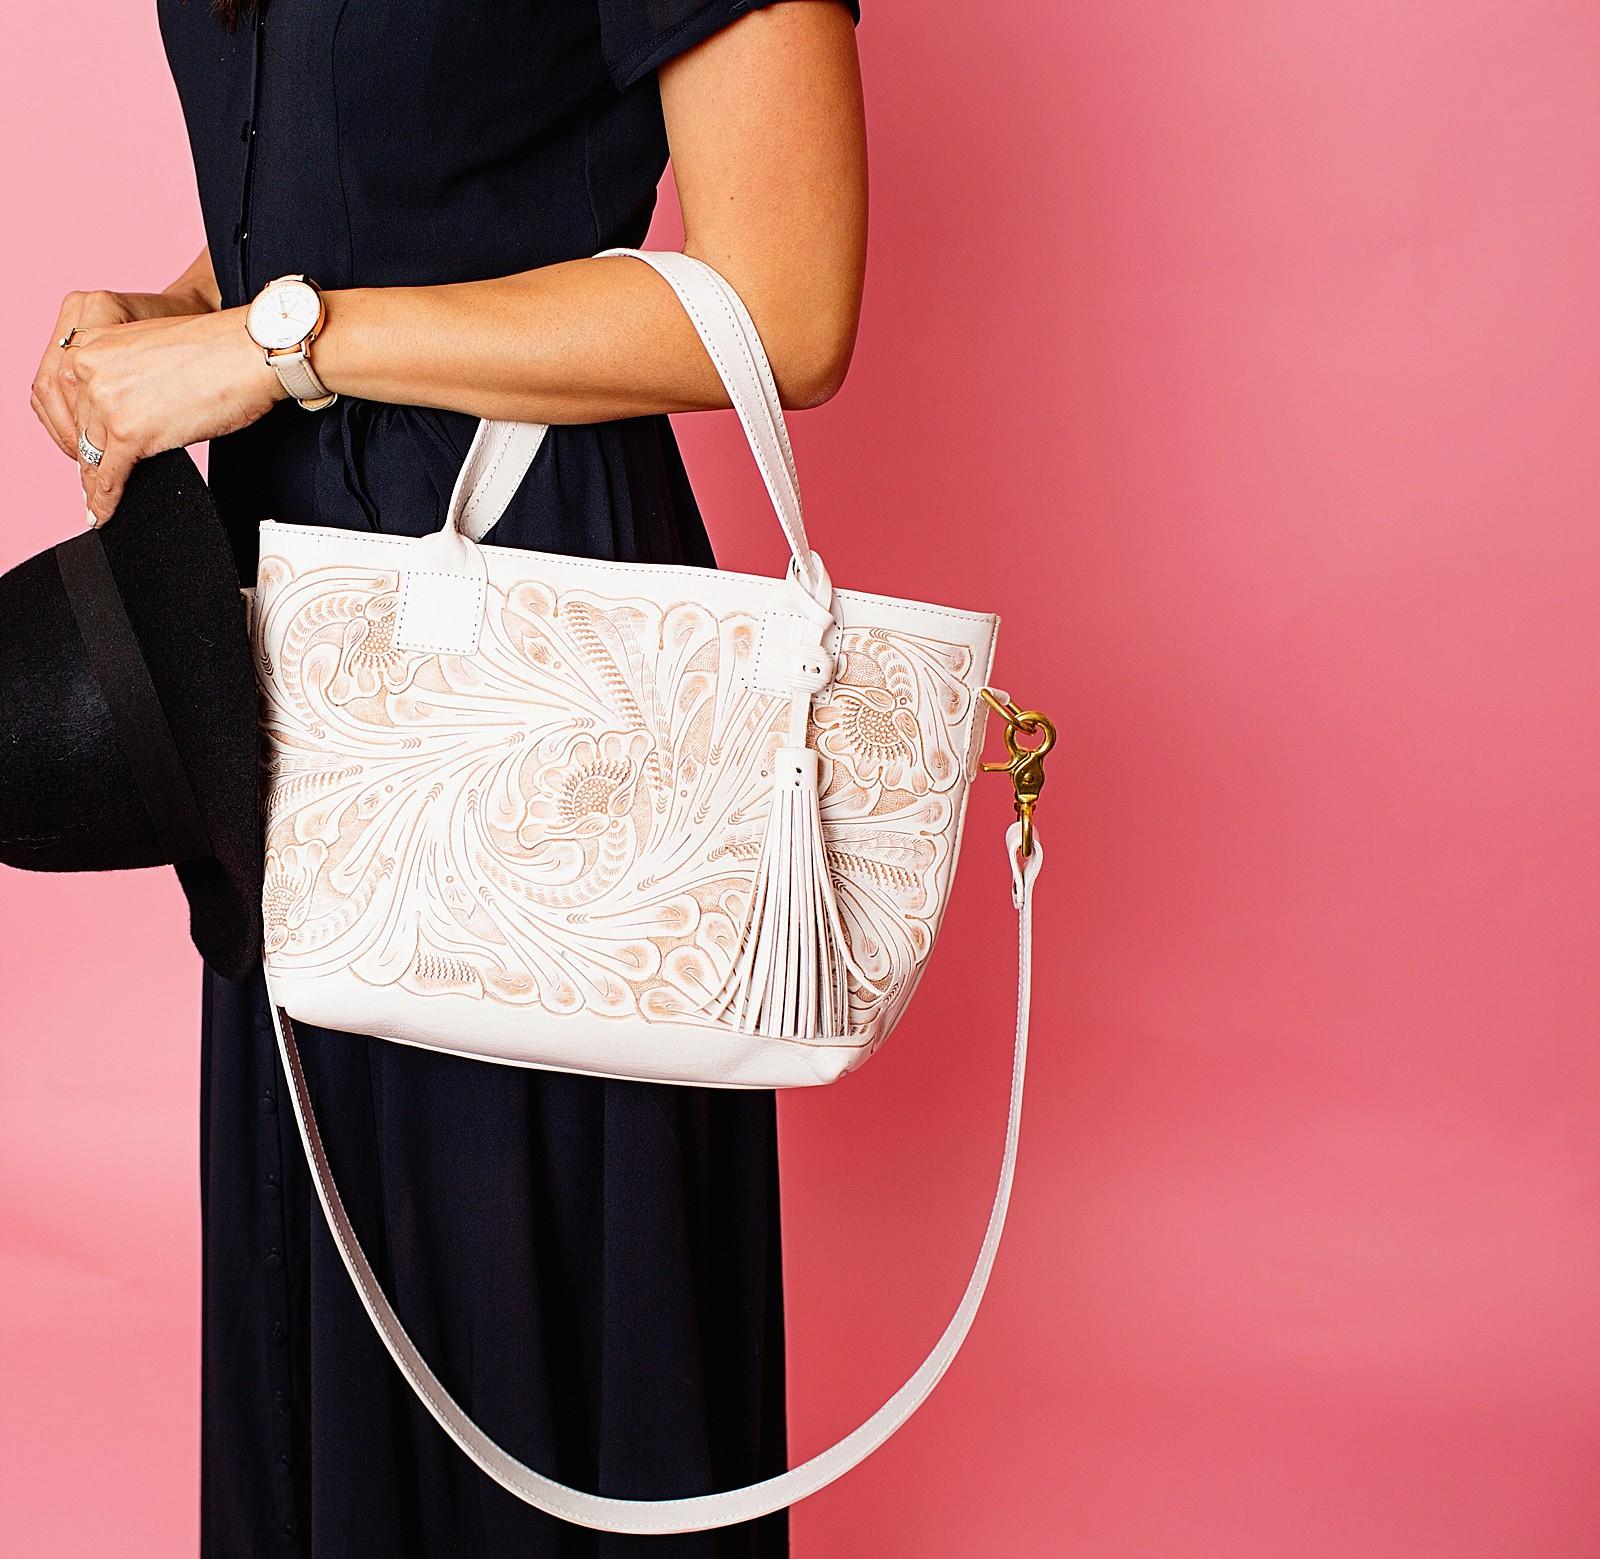 leather-tooled-purse-white-handbag-mexico-buy-order-chiseled-western-tassel-tote-purse-diana-elizabeth-lifestyle-fashion-blogger-phoenix-arizona-1515